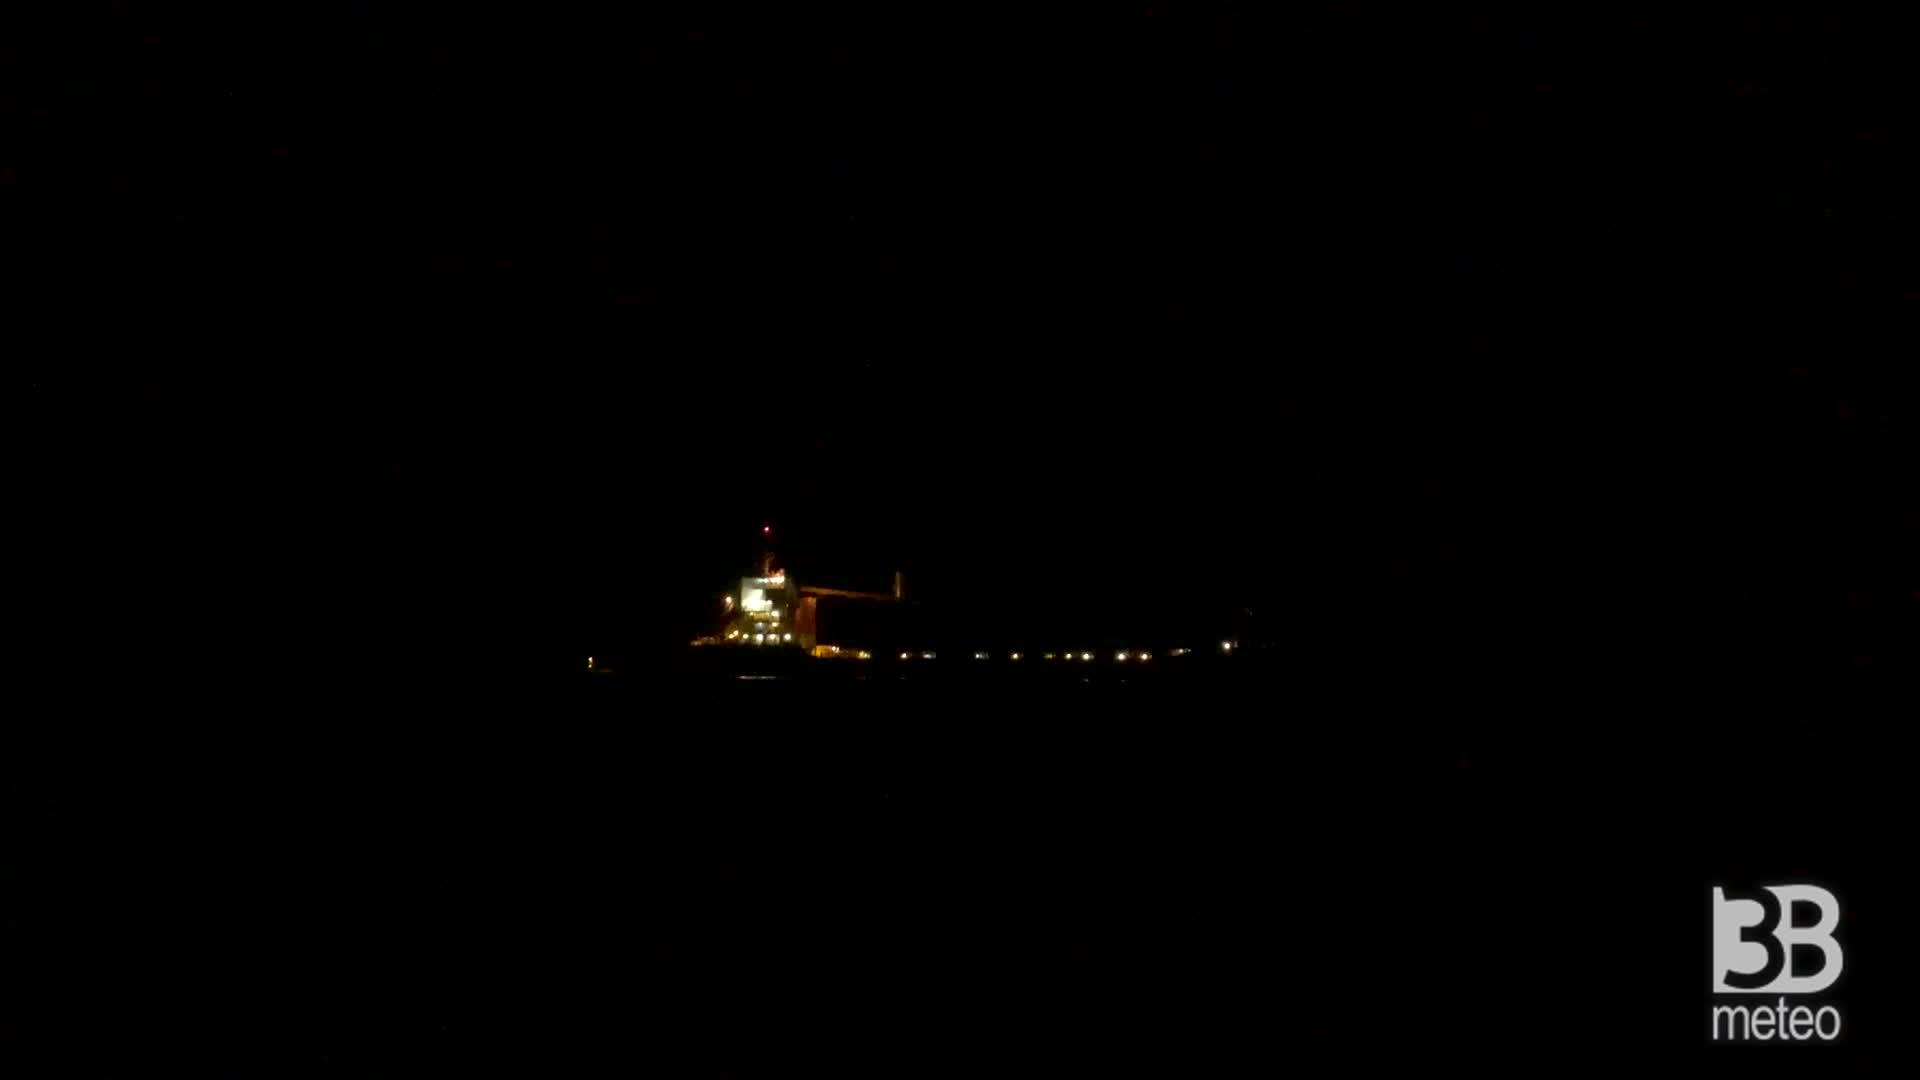 Cronaca VIDEO - Incendio su portacontainer: la nave cargo vista dal porto di Catania